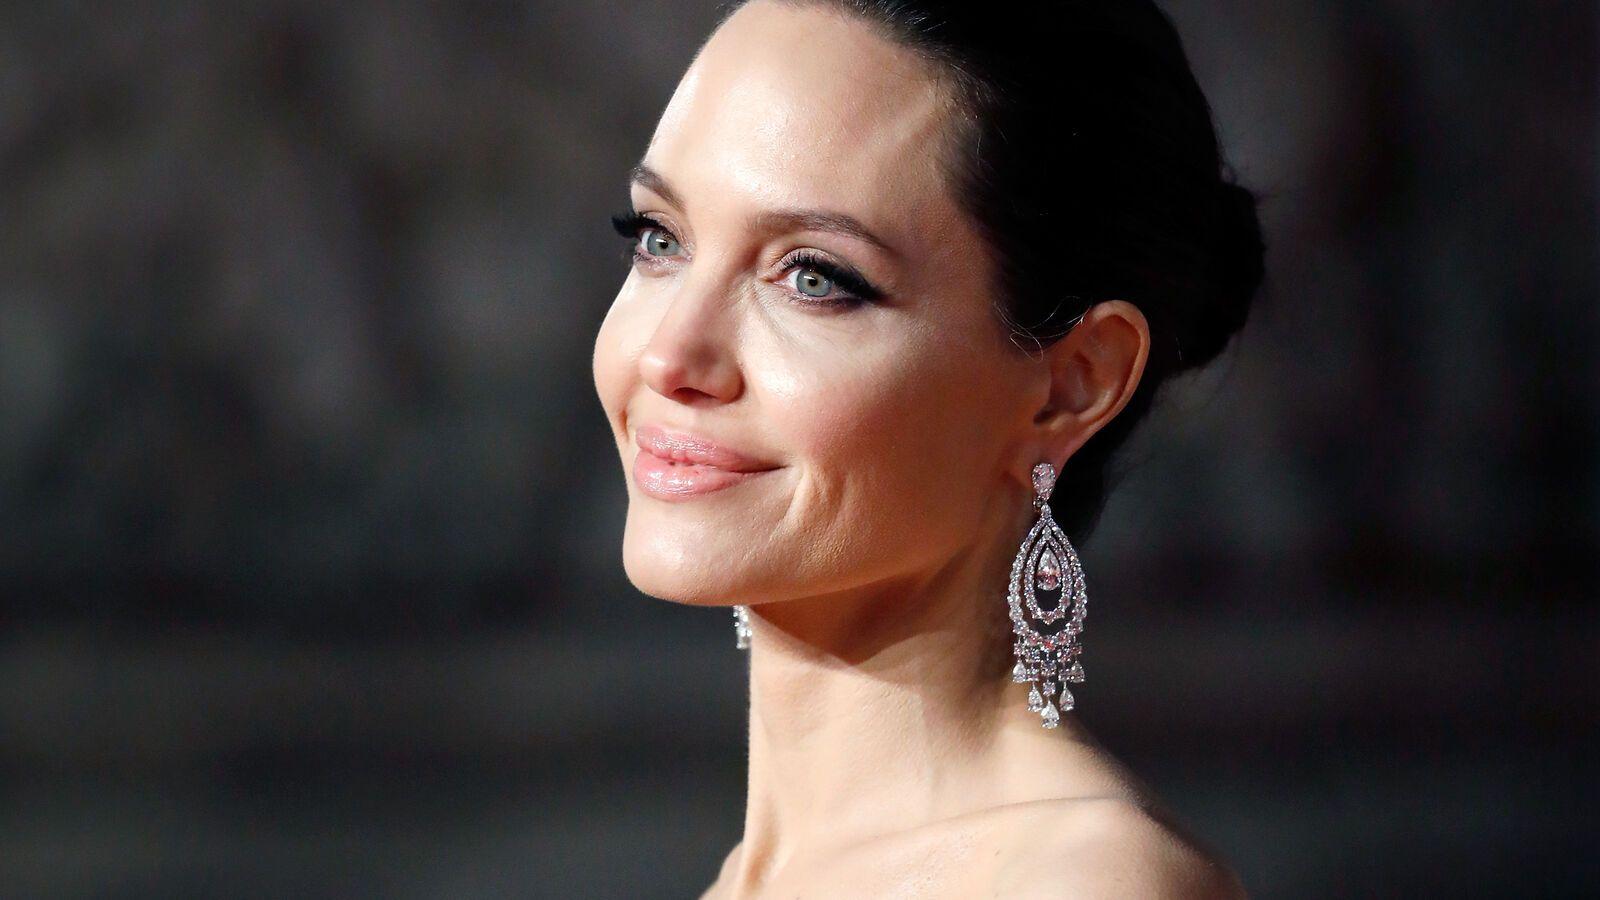 Laut Visagistin: Das sind die 5 besten Beauty-Tipps für Frauen über 40